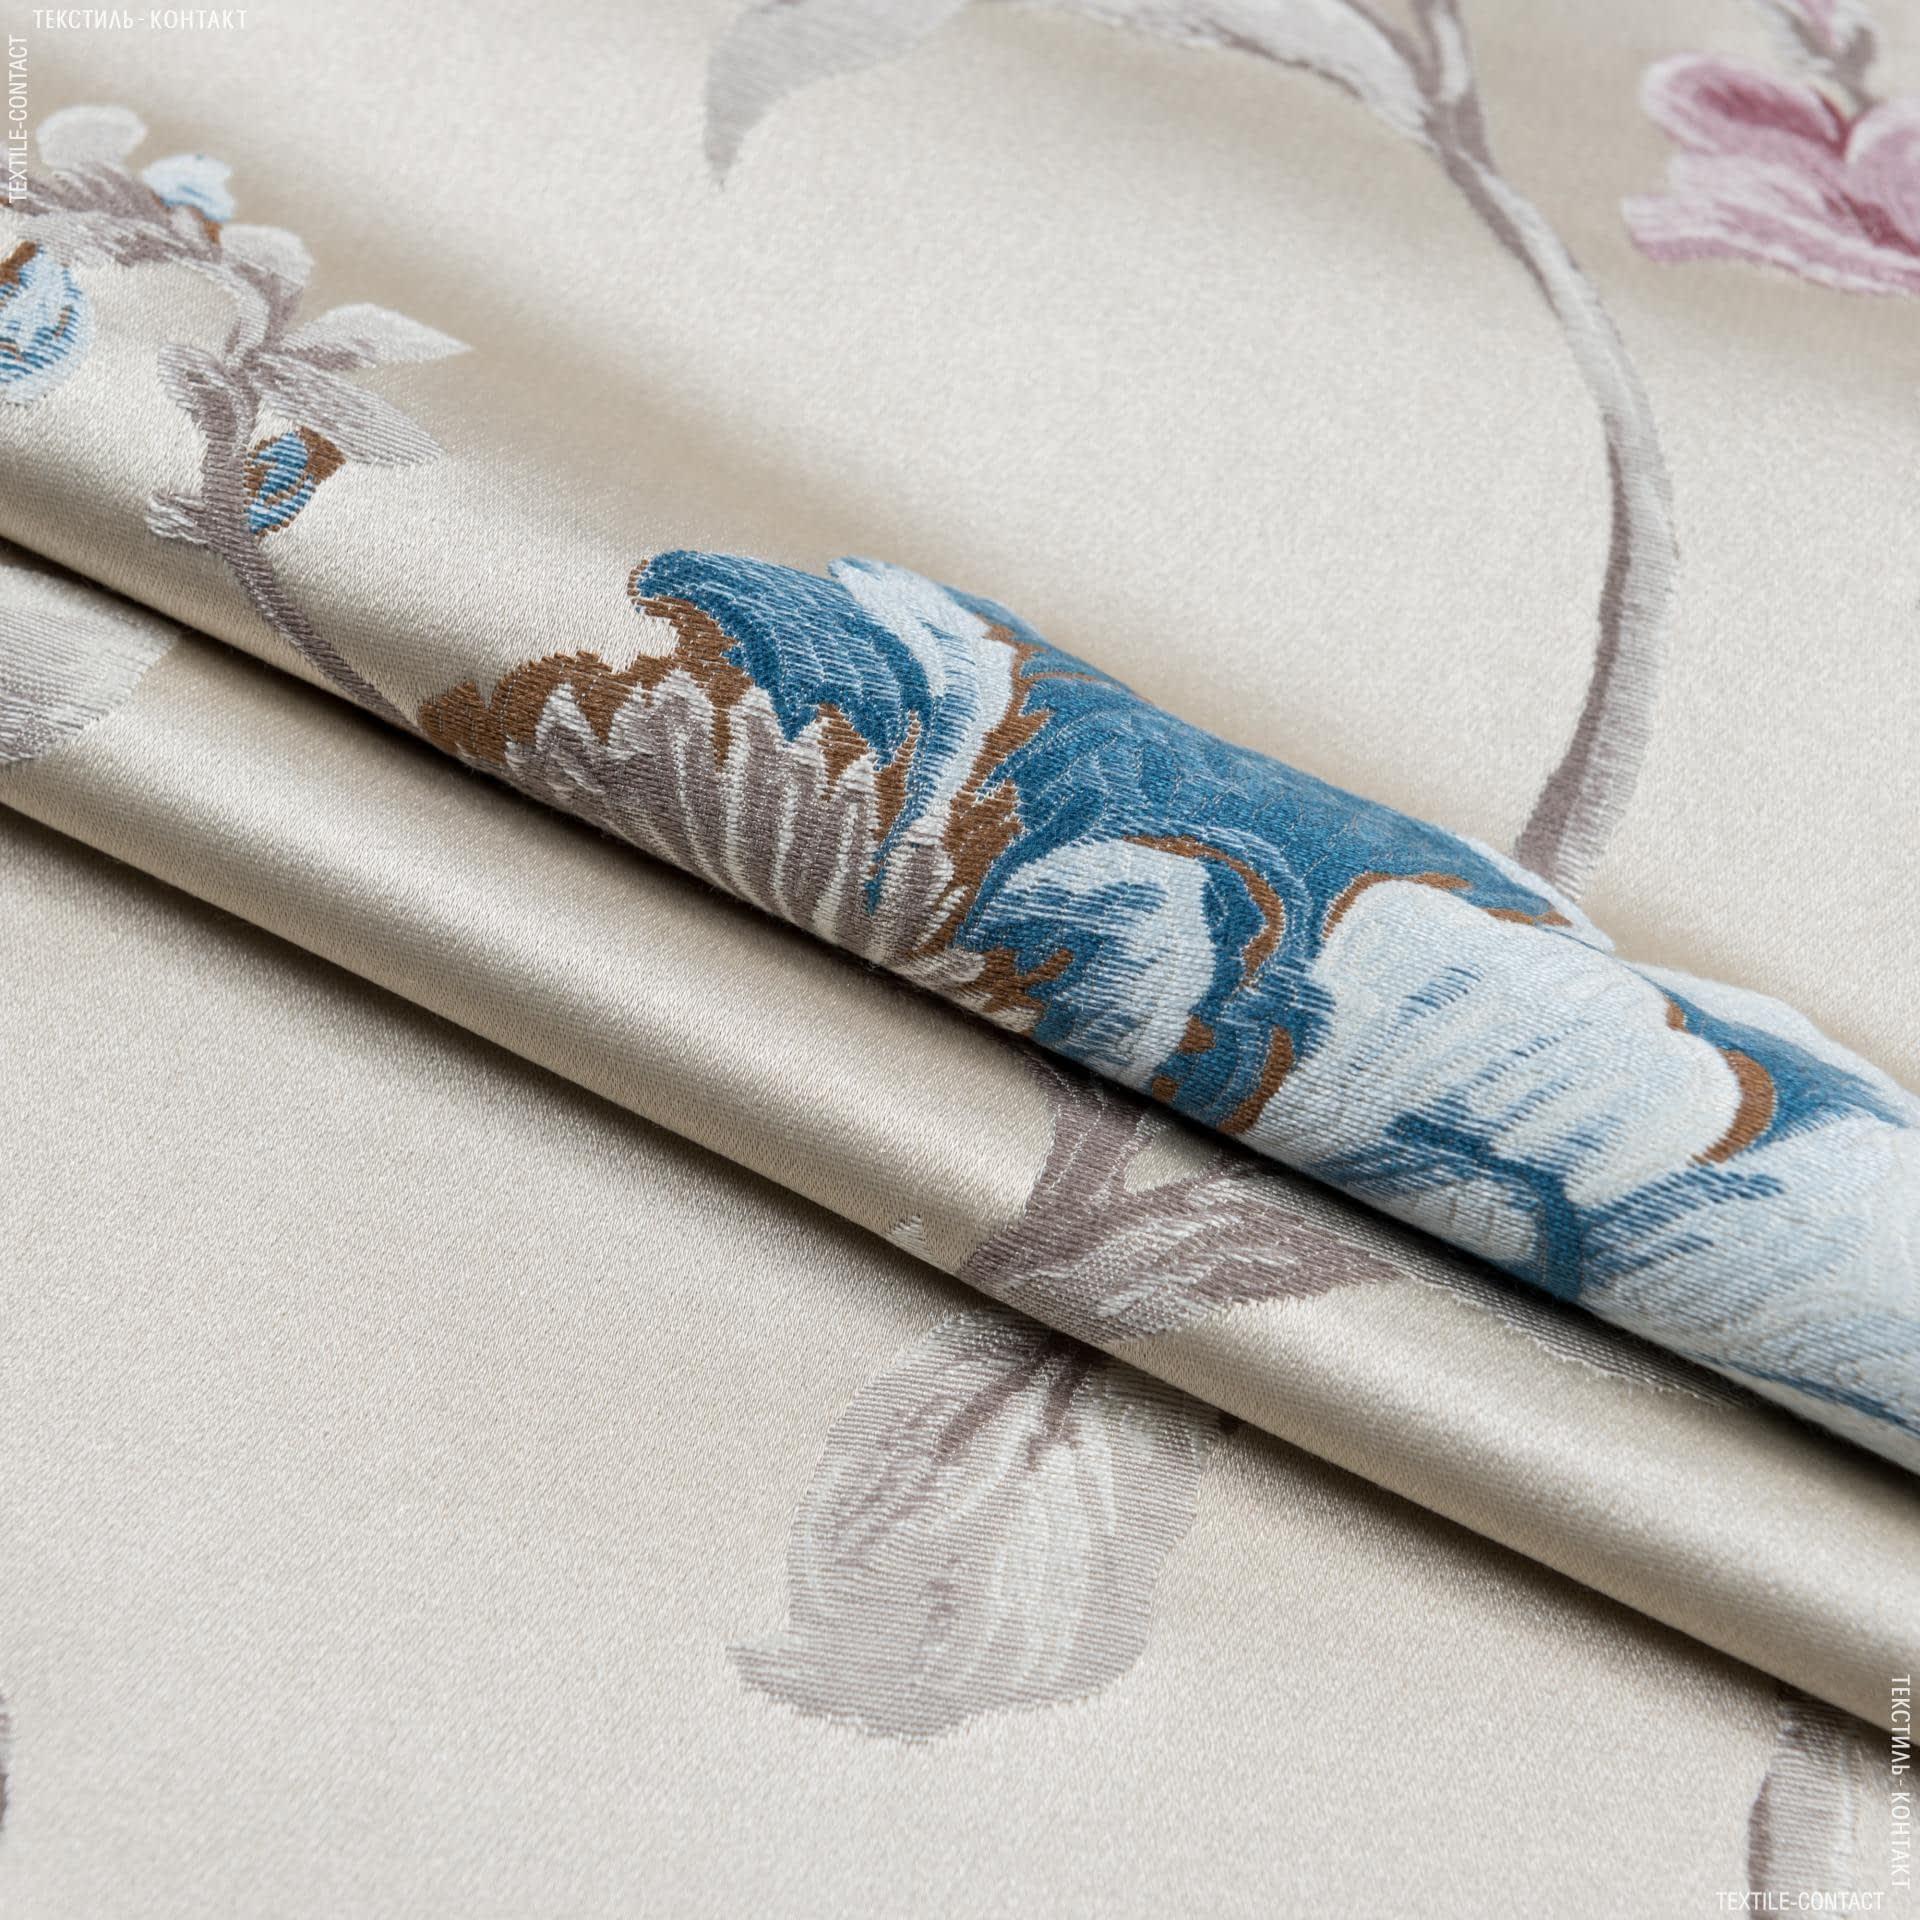 Ткани портьерные ткани - Декоративная ткань  палми цветы/palmi  фон ракушка,розовый/голубой